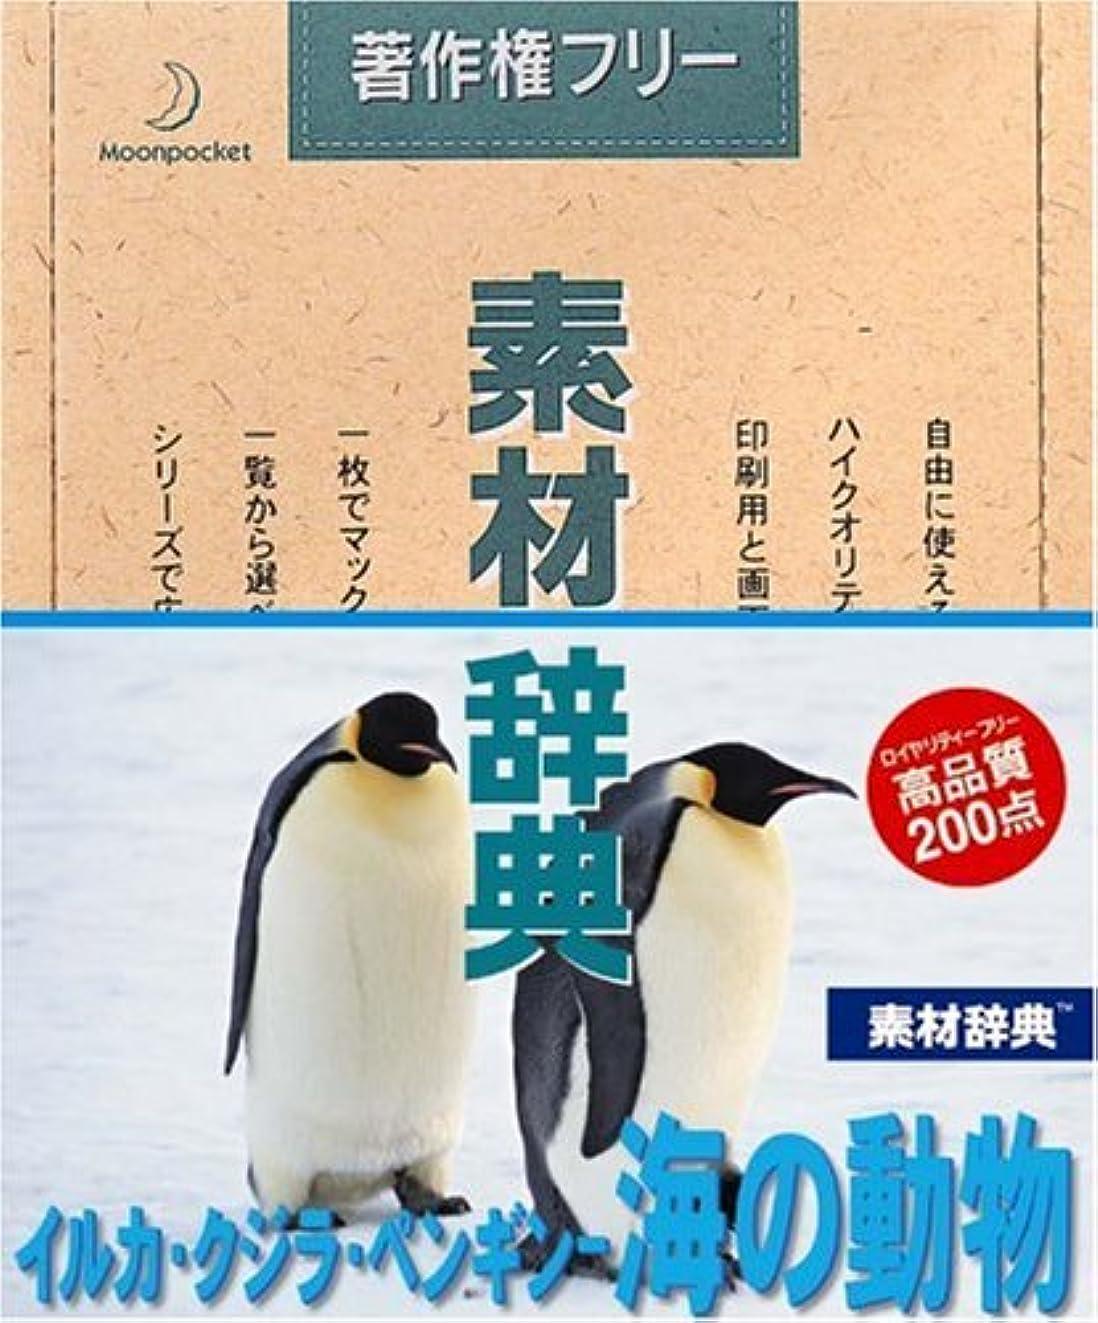 装置日光マナー素材辞典 Vol.72 イルカ?クジラ?ペンギン 海の動物編